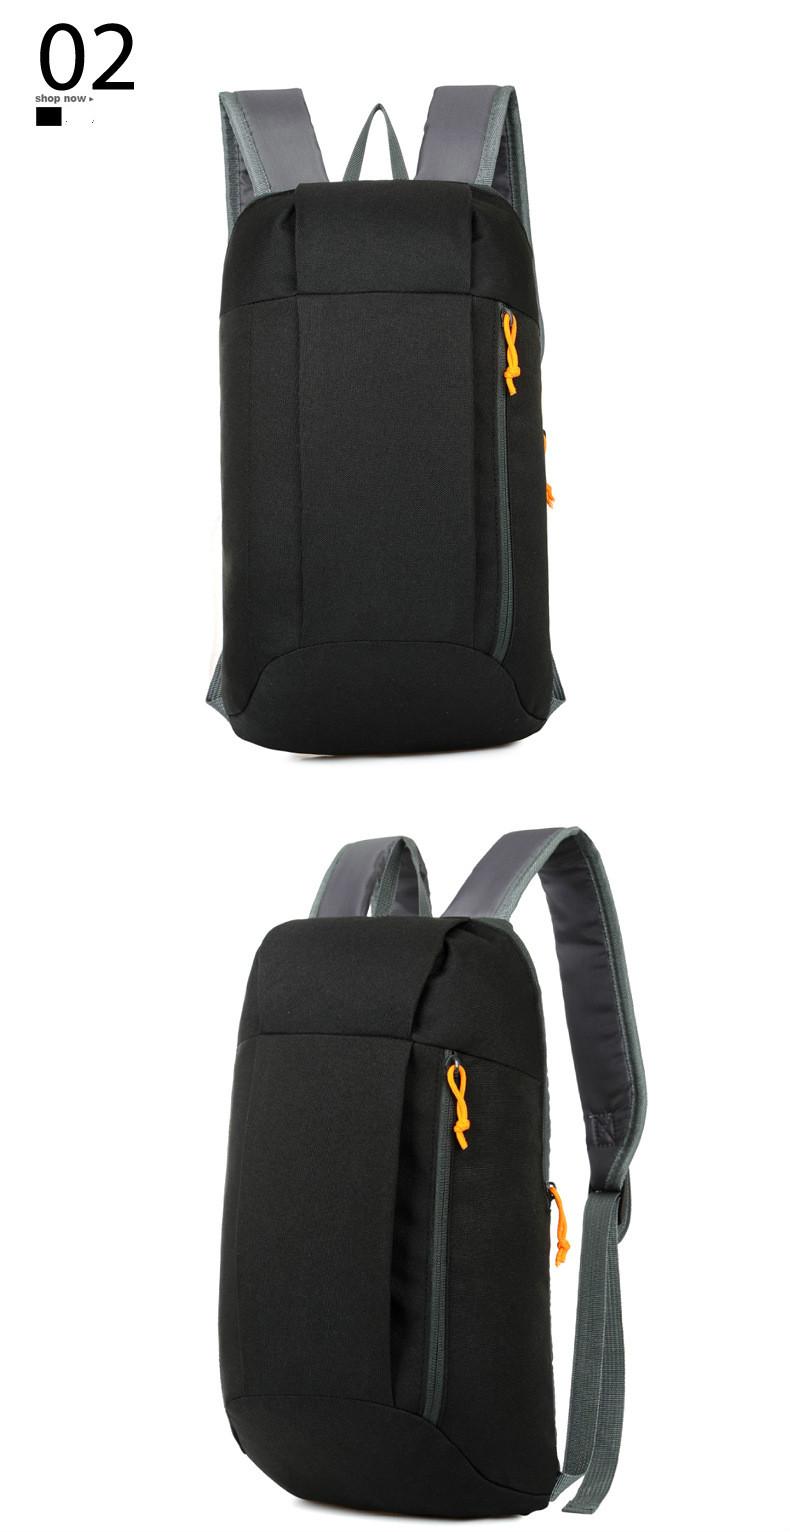 Waterproof S ports Backpack Out Door Luggage Shoulder Women Men School Bags Bagpack Mini Small Teenage Travel Rucksack 9